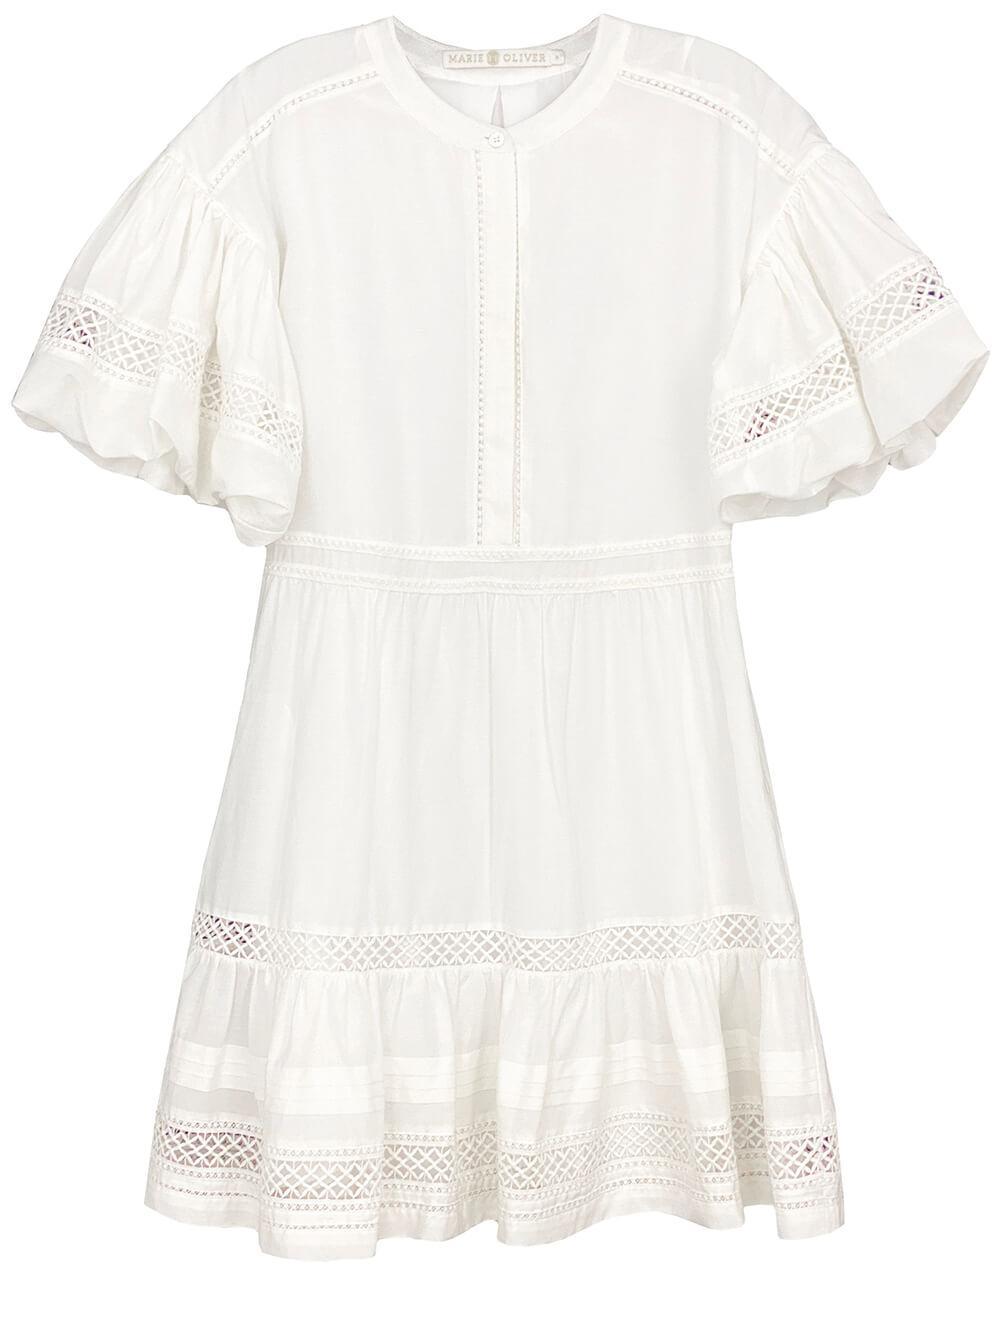 Jade Dress Item # 2J5-70-100